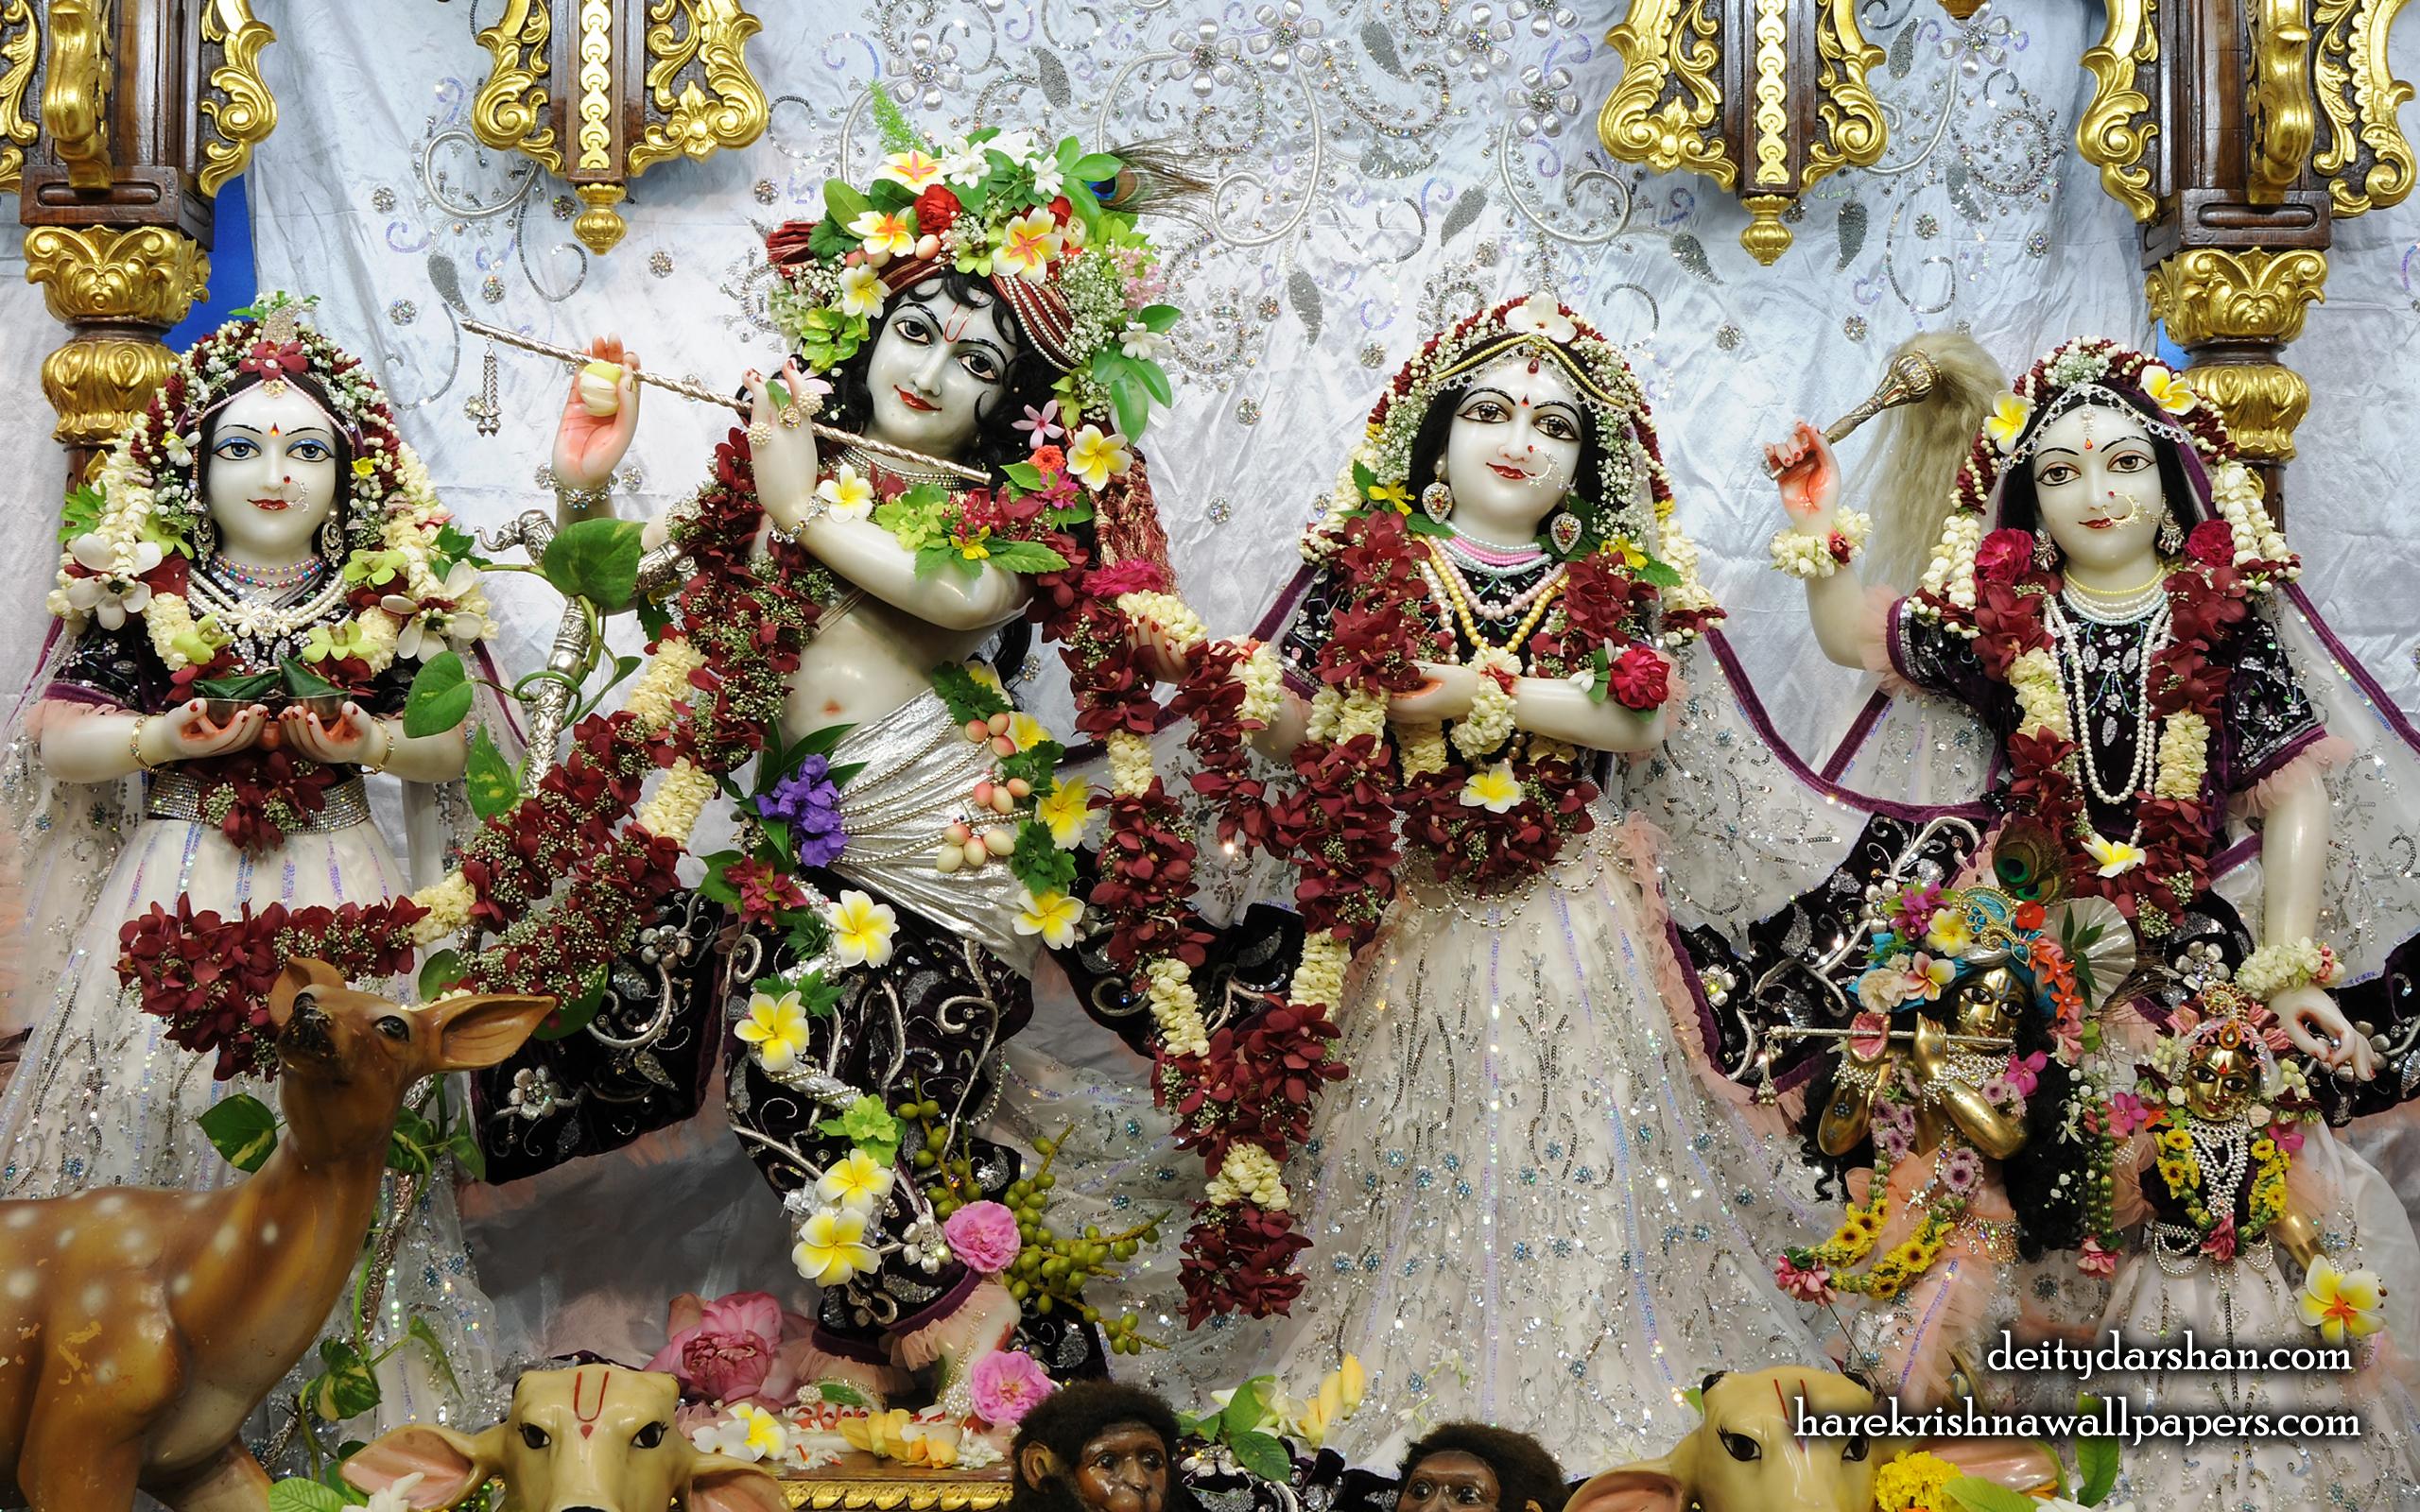 Sri Sri Radha Gopinath Lalita Vishakha Wallpaper (073) Size 2560x1600 Download